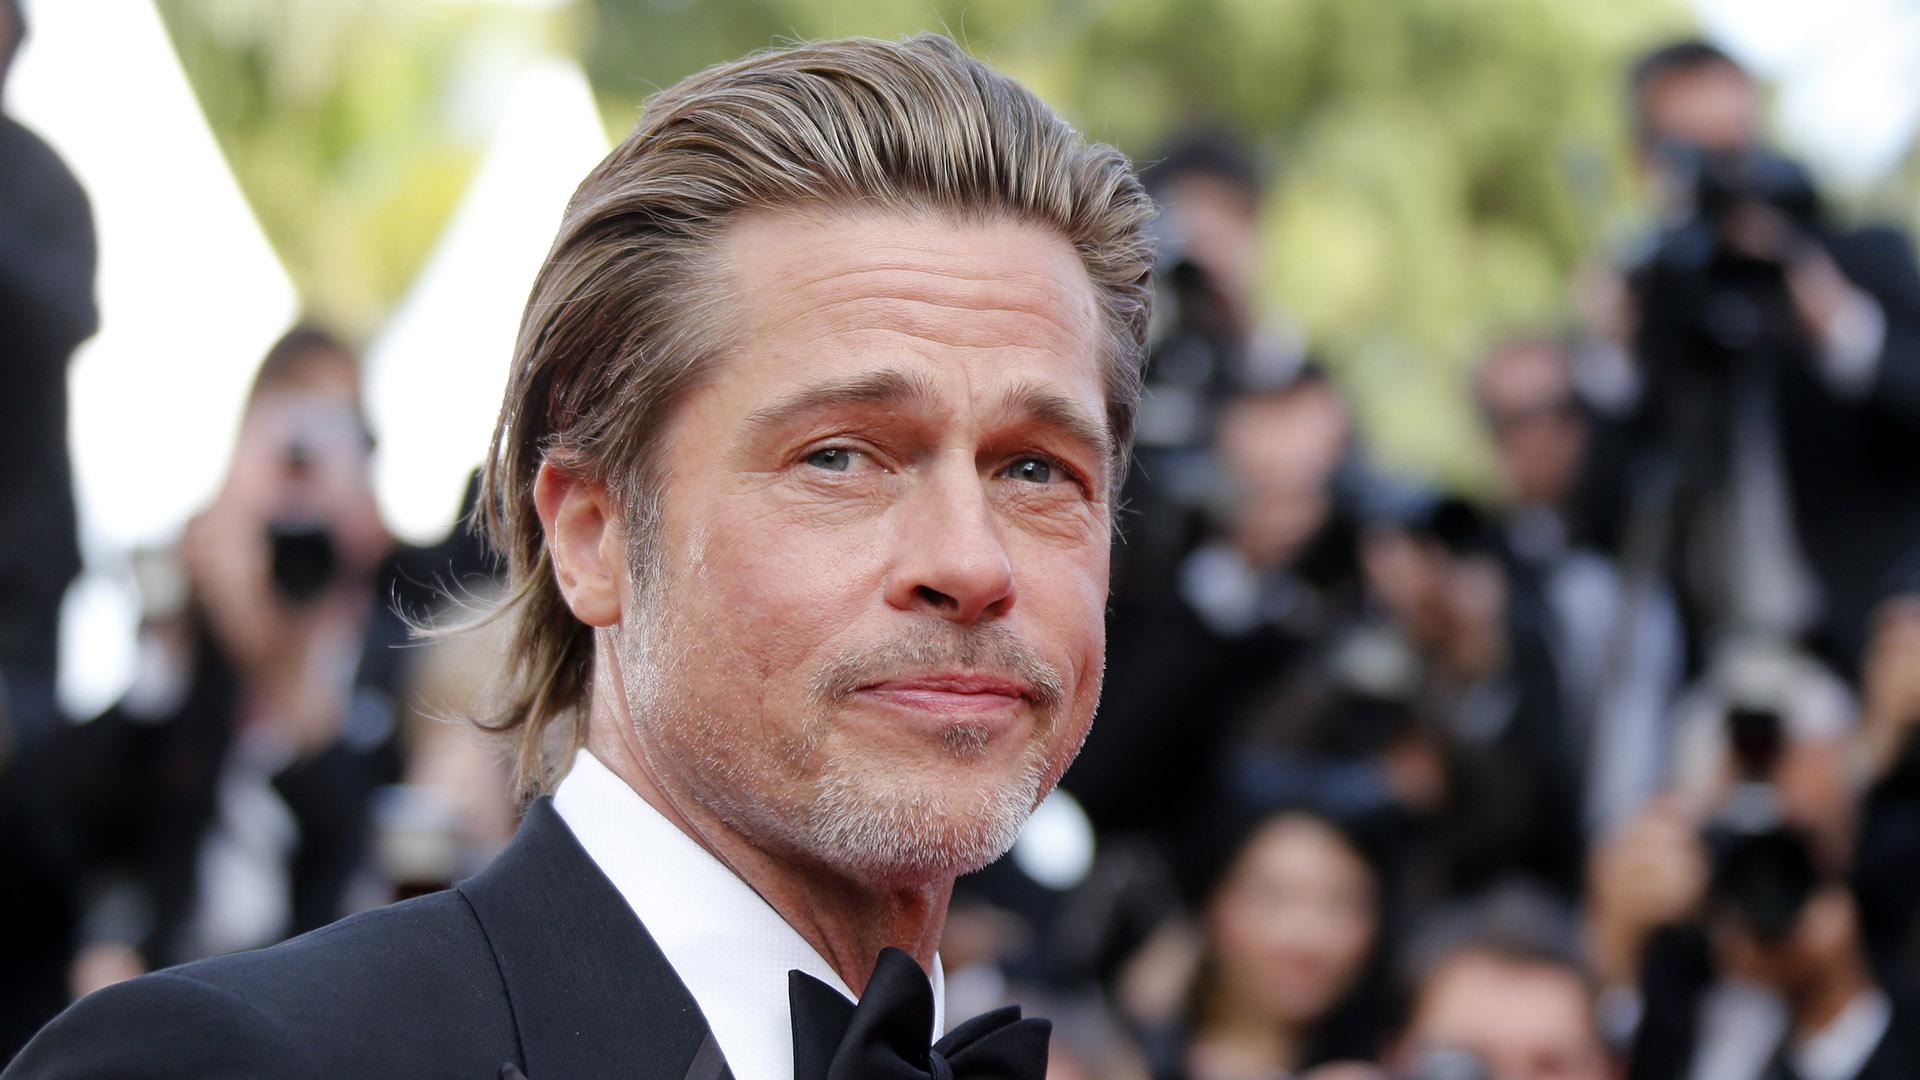 """Brad Pitt protagoniza """"Once Upon a Time in Hollywood"""" junto a Margot Robbie y Leonardo DiCaprio con dirección de Quentin Tarantino"""